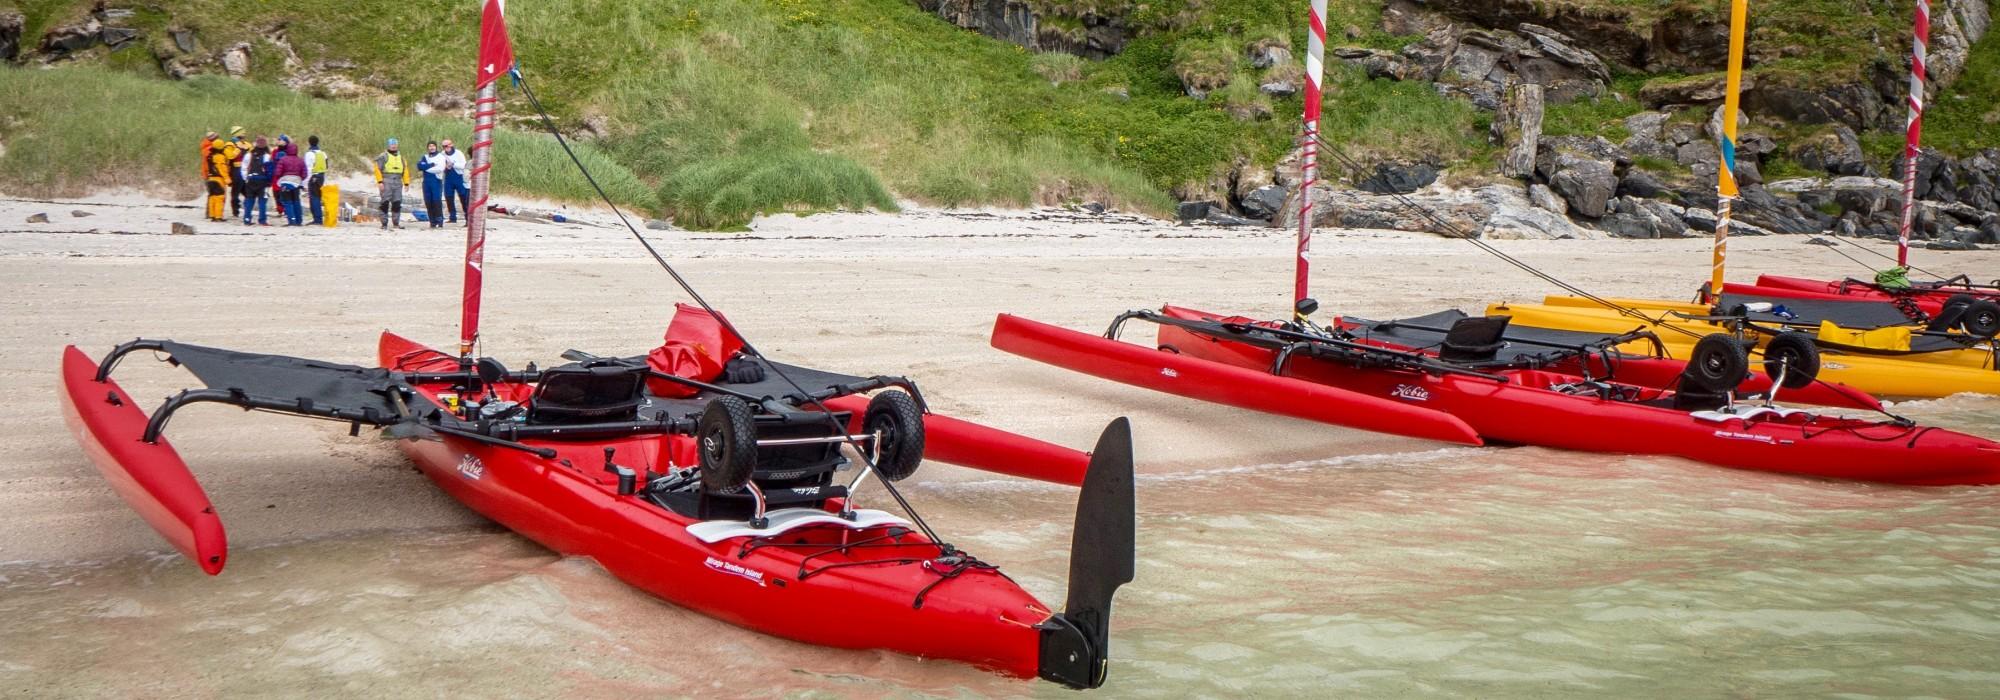 hobie kayak Kvaløya